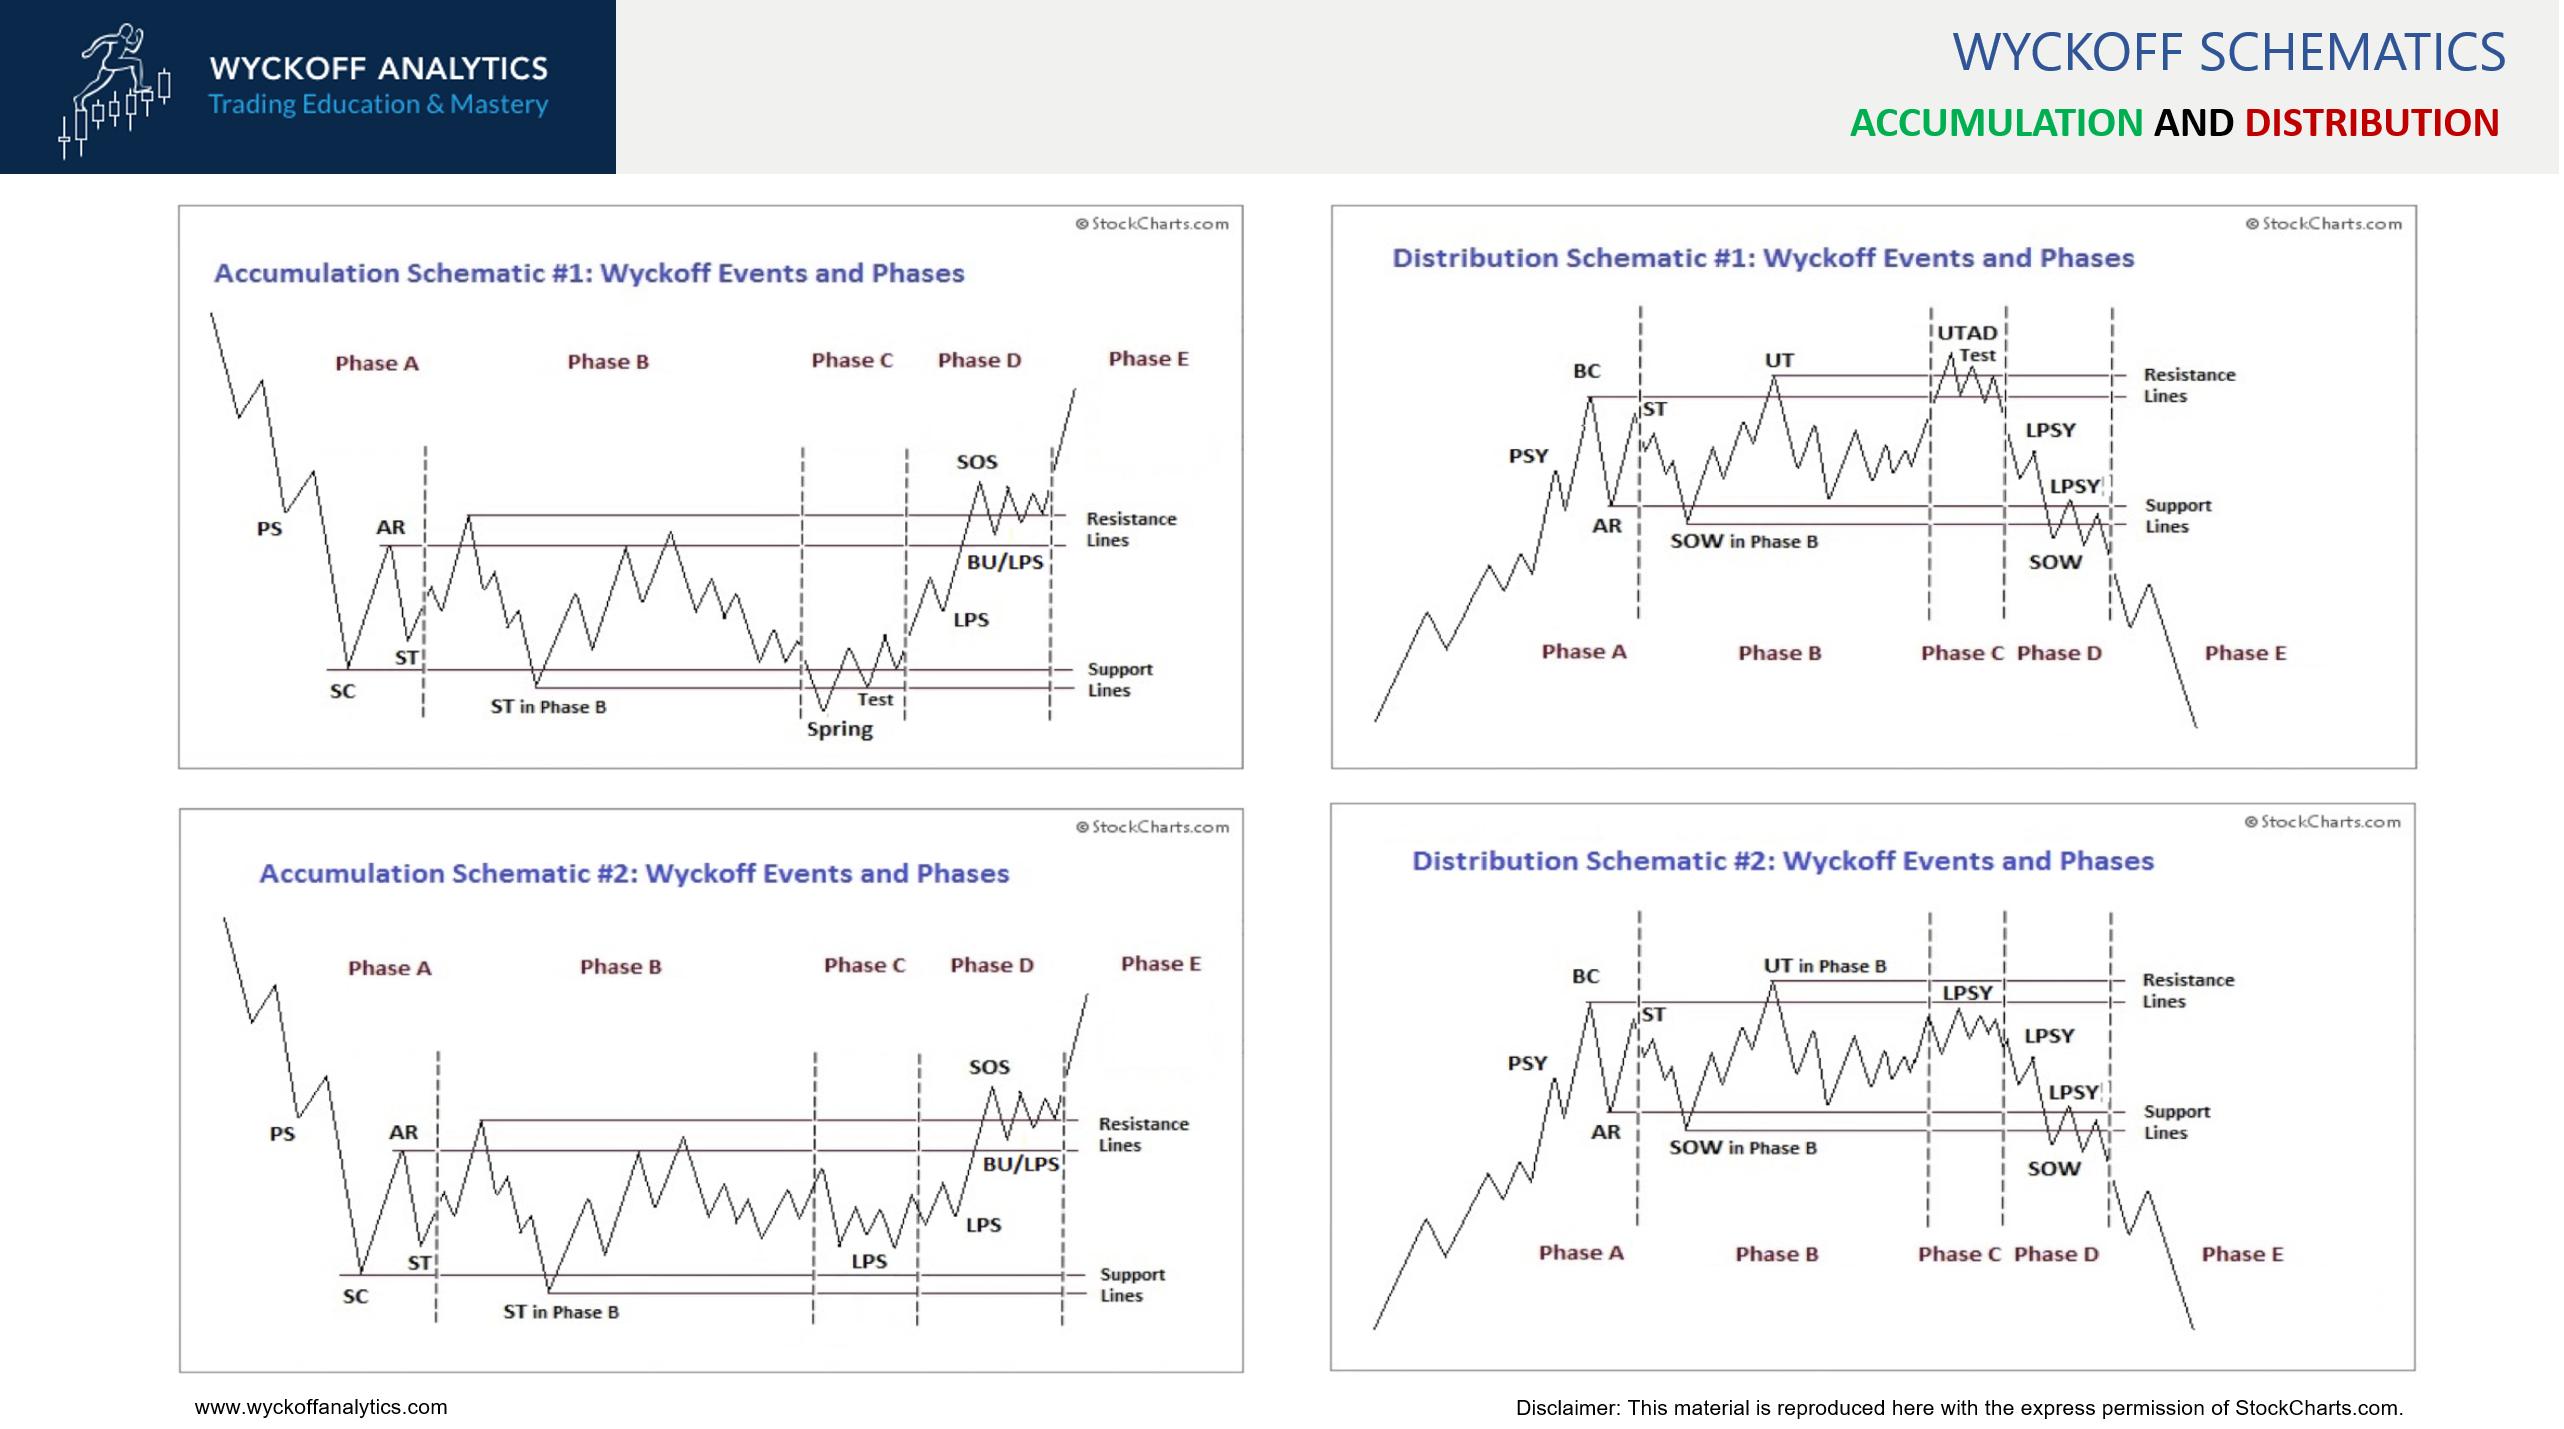 Wyckoff schematics